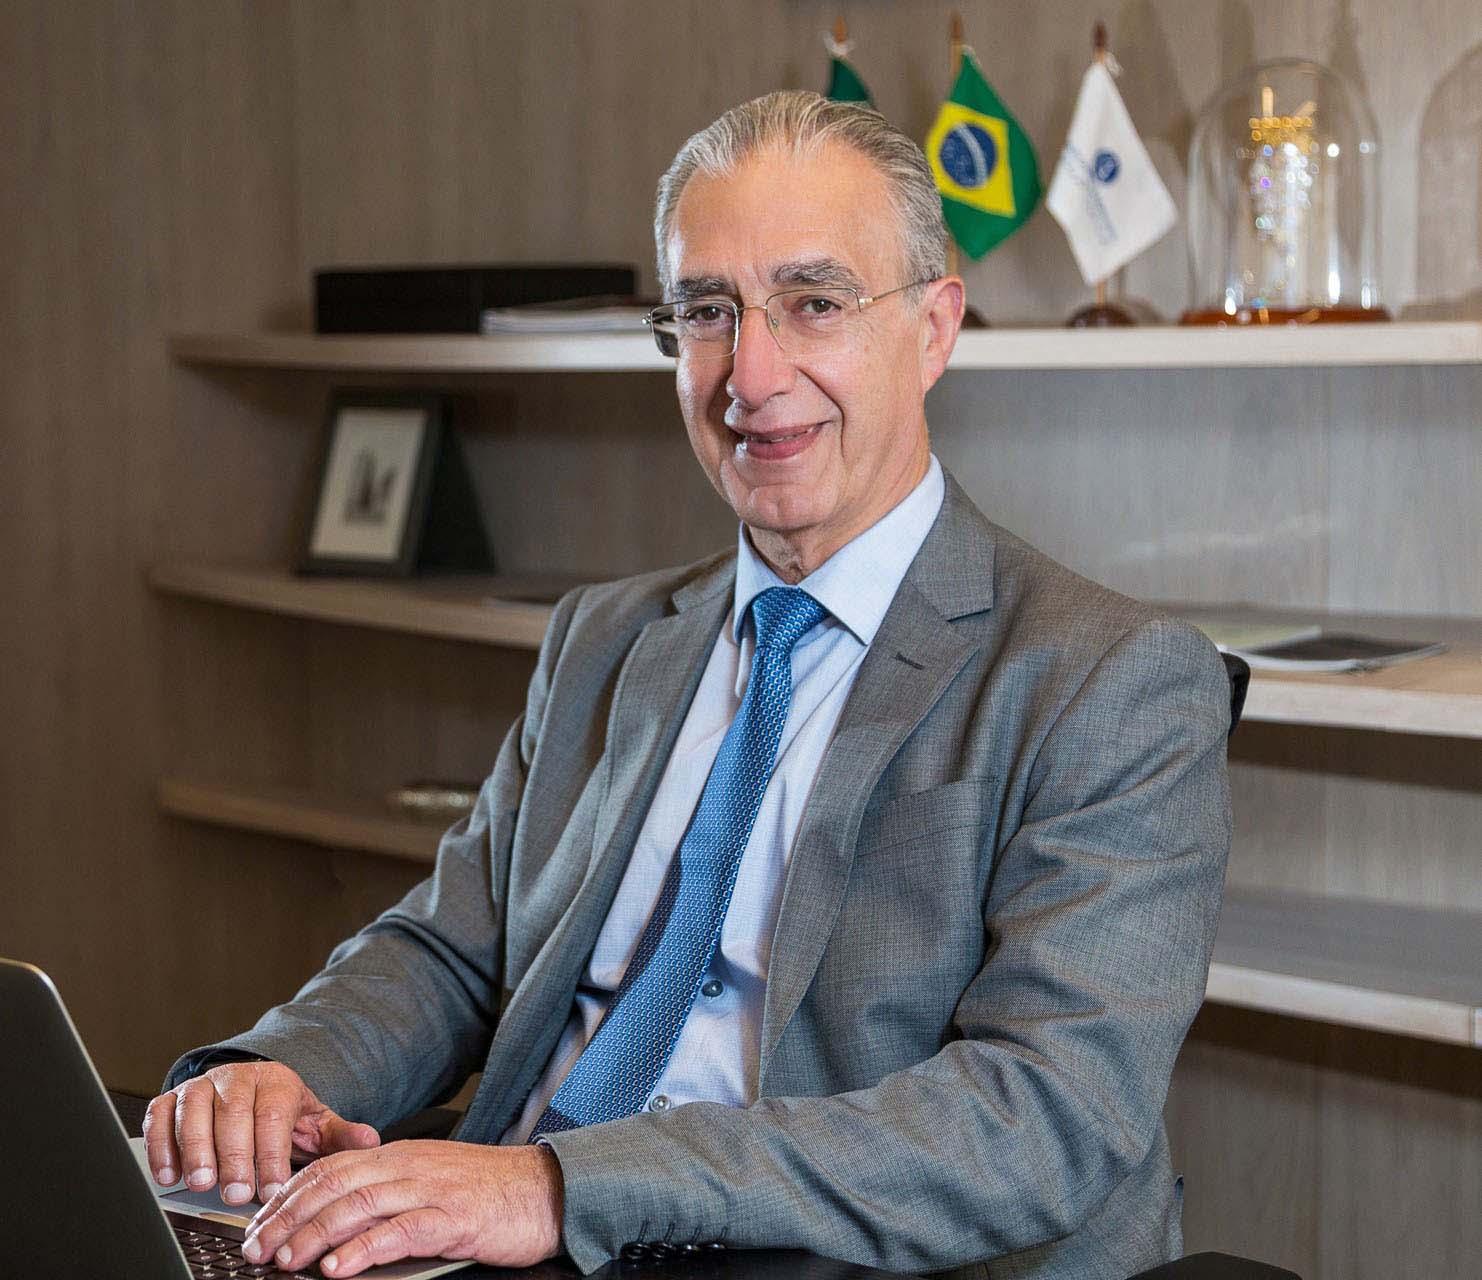 الغرفة التجارية العربية البرازيلية تستعين بأحدث الابتكارات التقنية خلال المنتدى الاقتصادي العربي البرازيلي